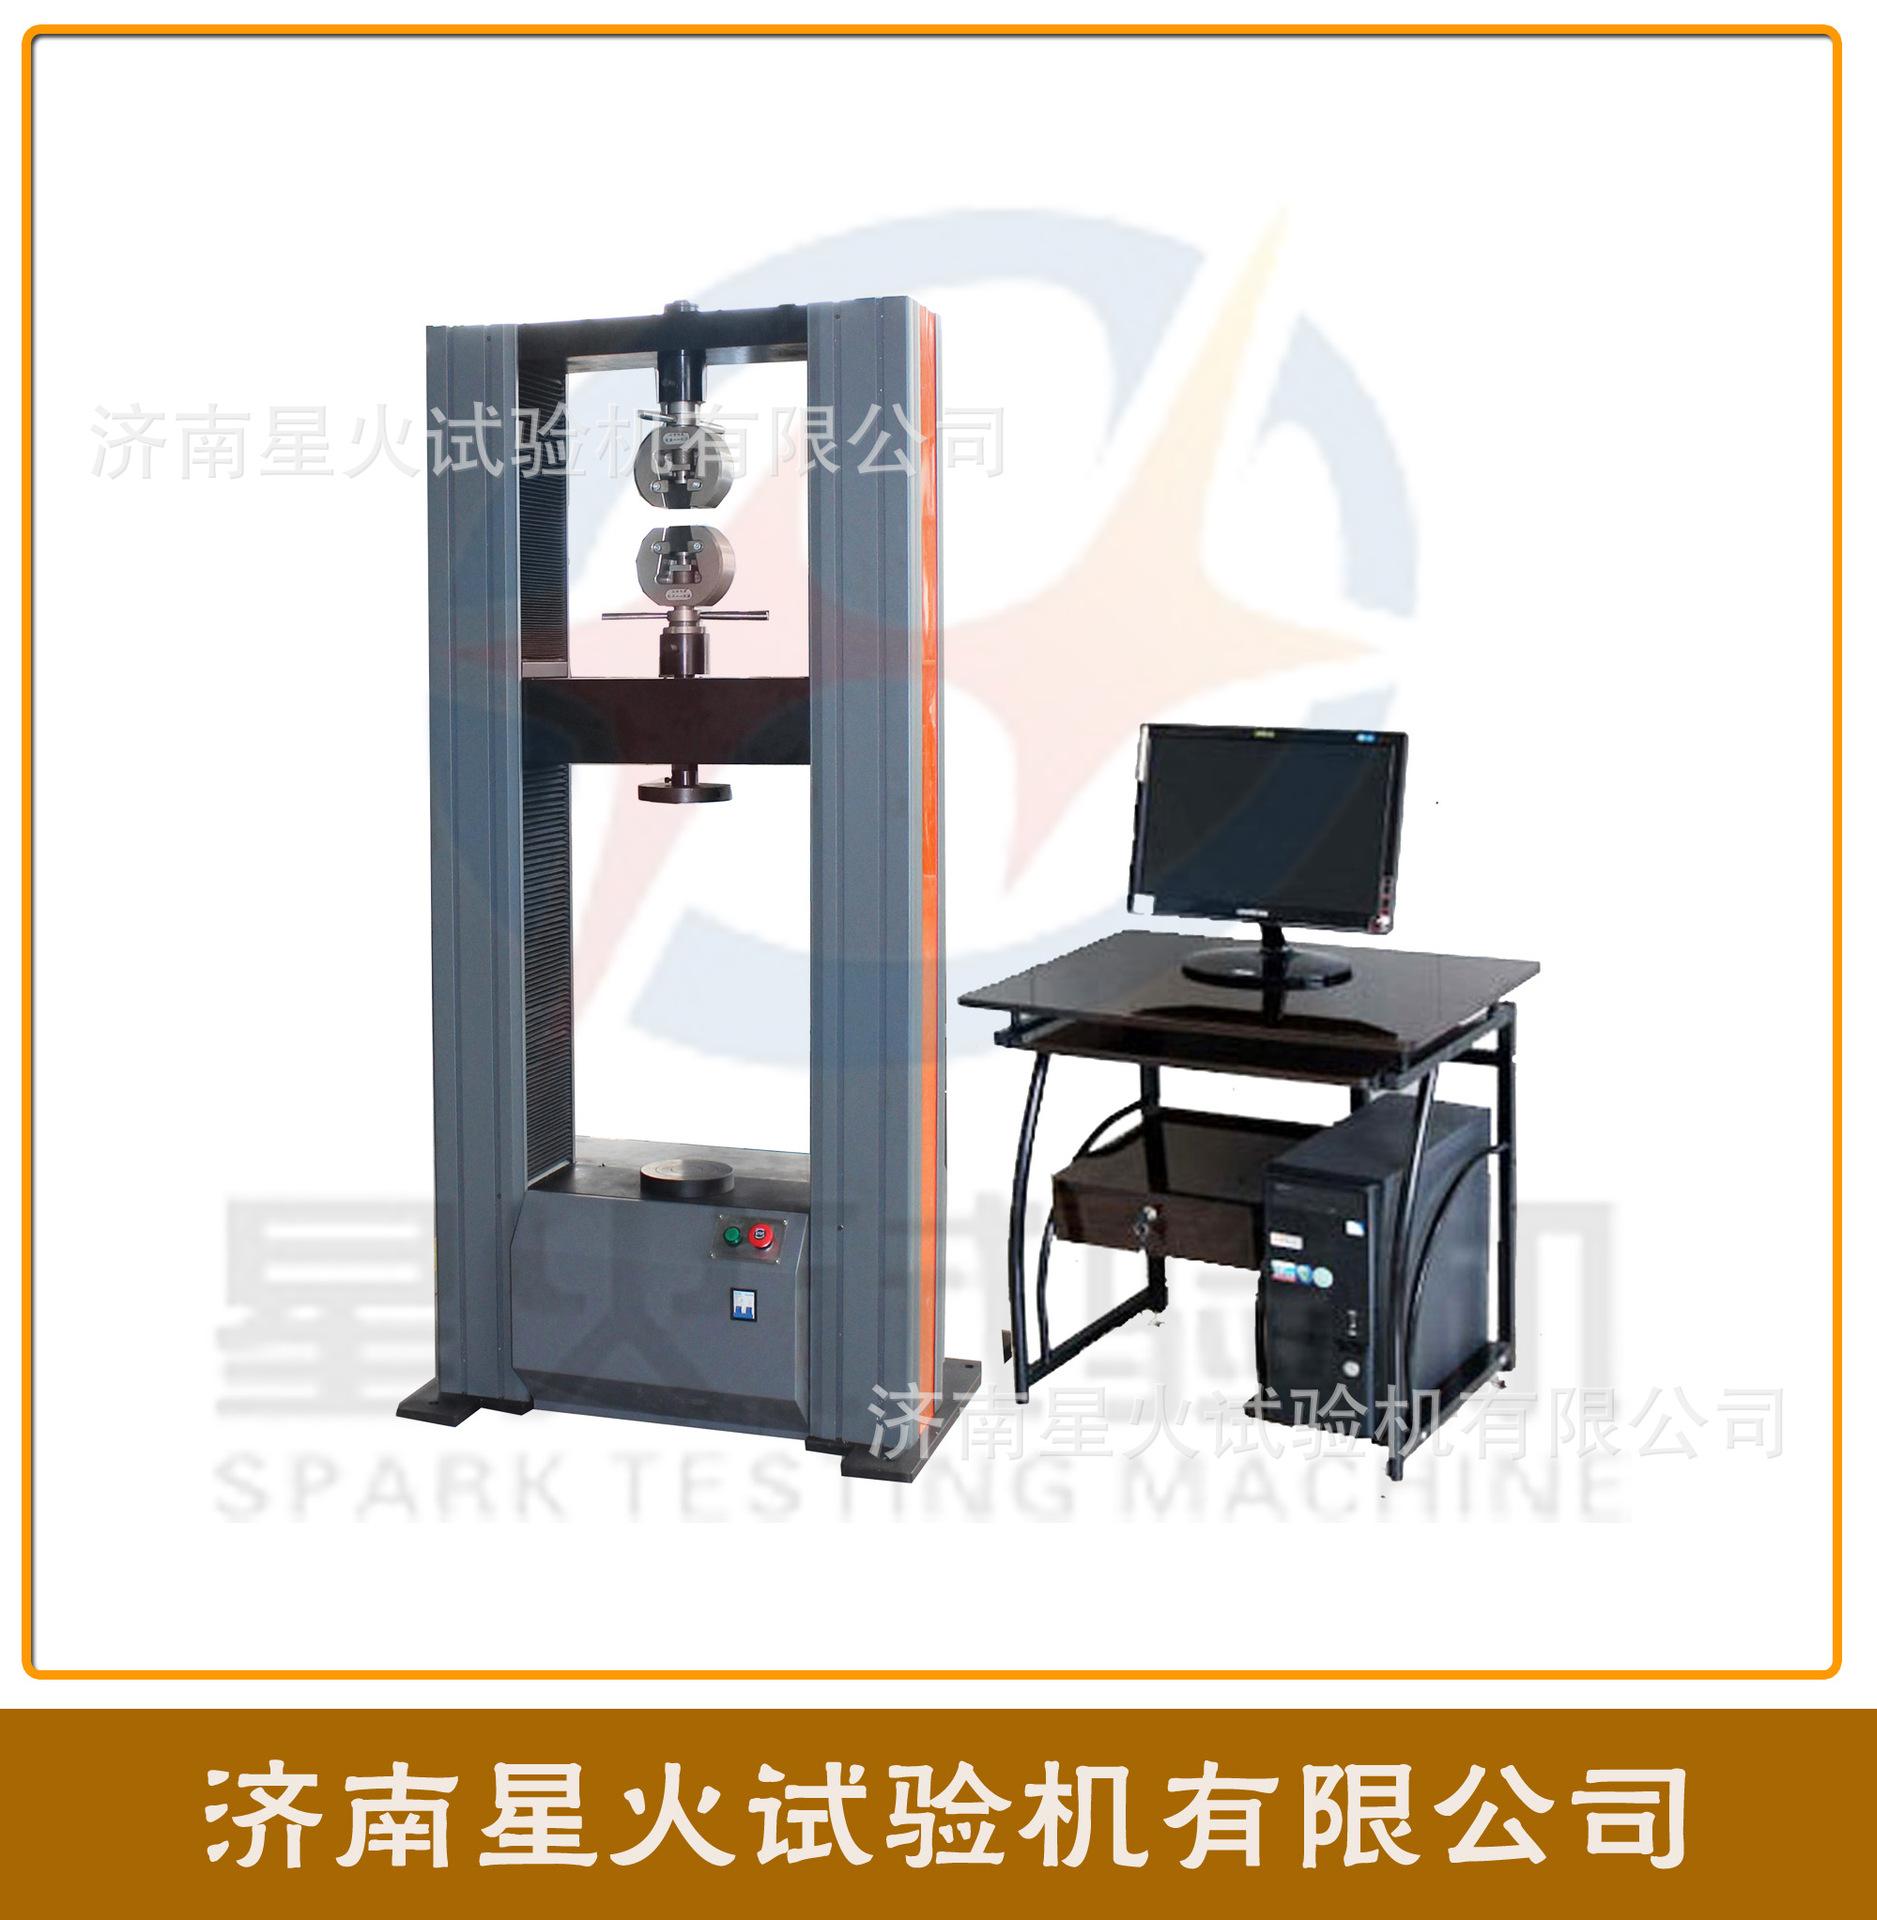 钢板屈服强度试验台技术方案 钢板抗拉强度试验机